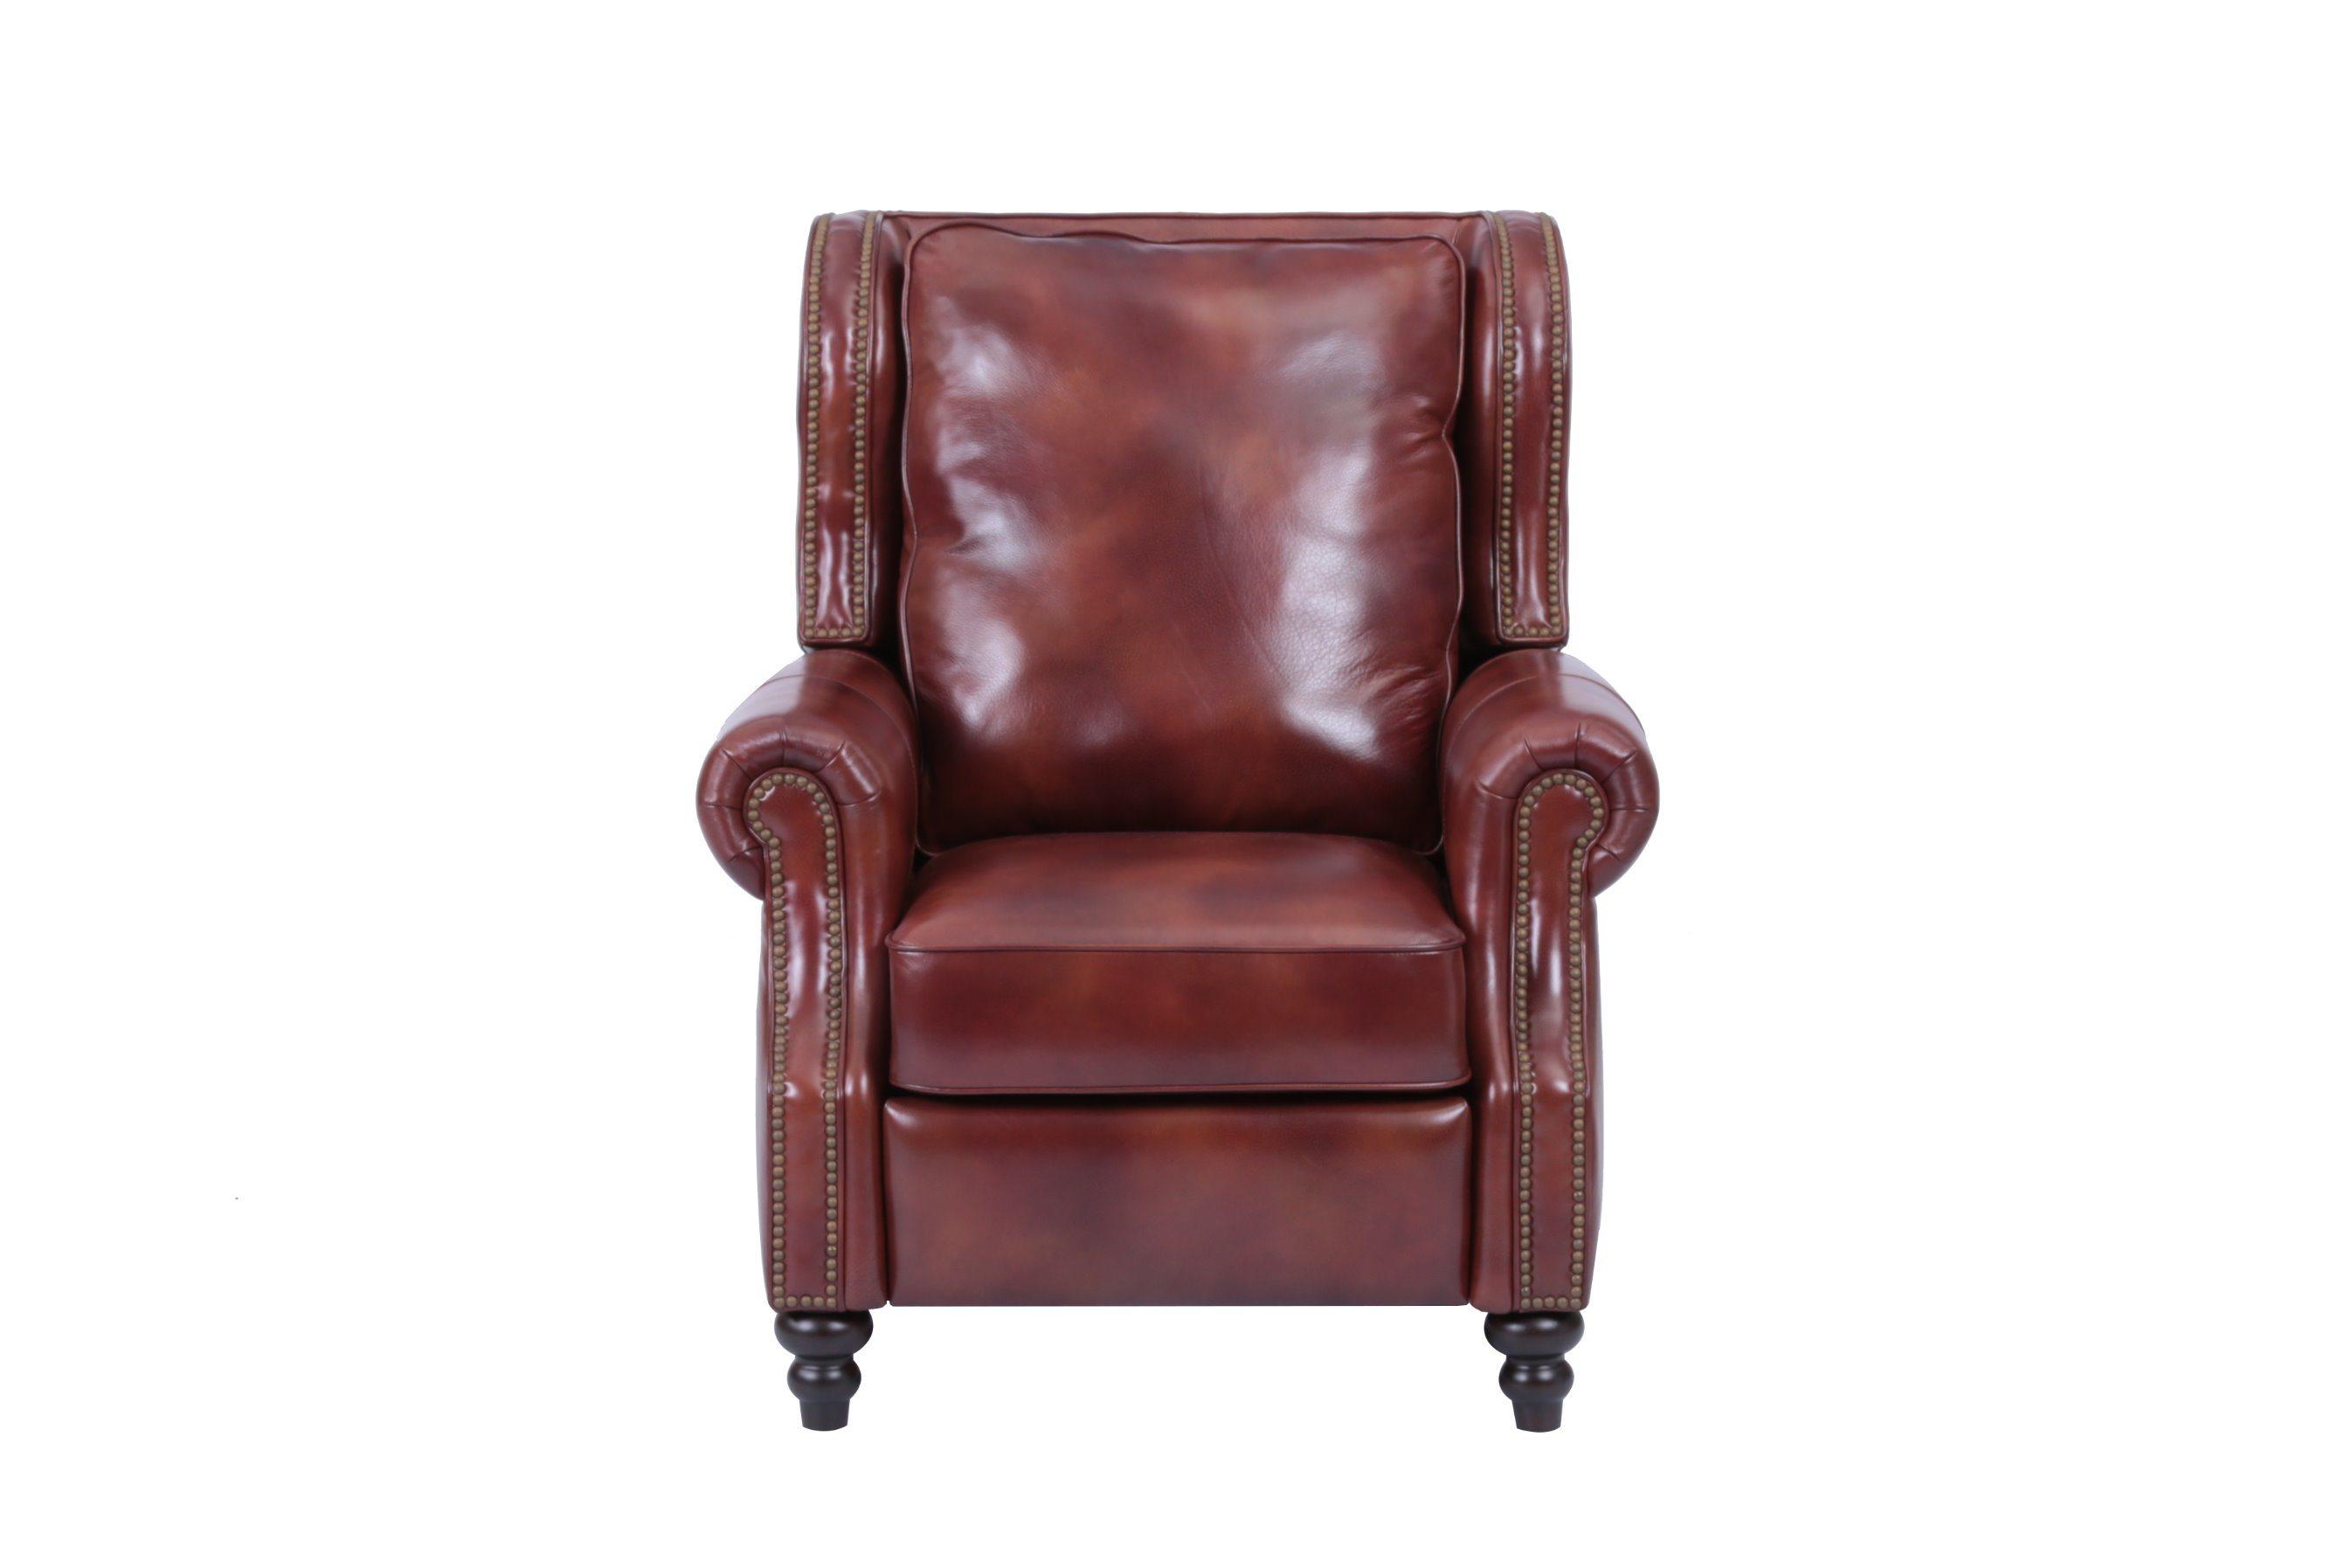 Lujoso Muebles Reclinables Chairfootstool Elaboración - Muebles Para ...